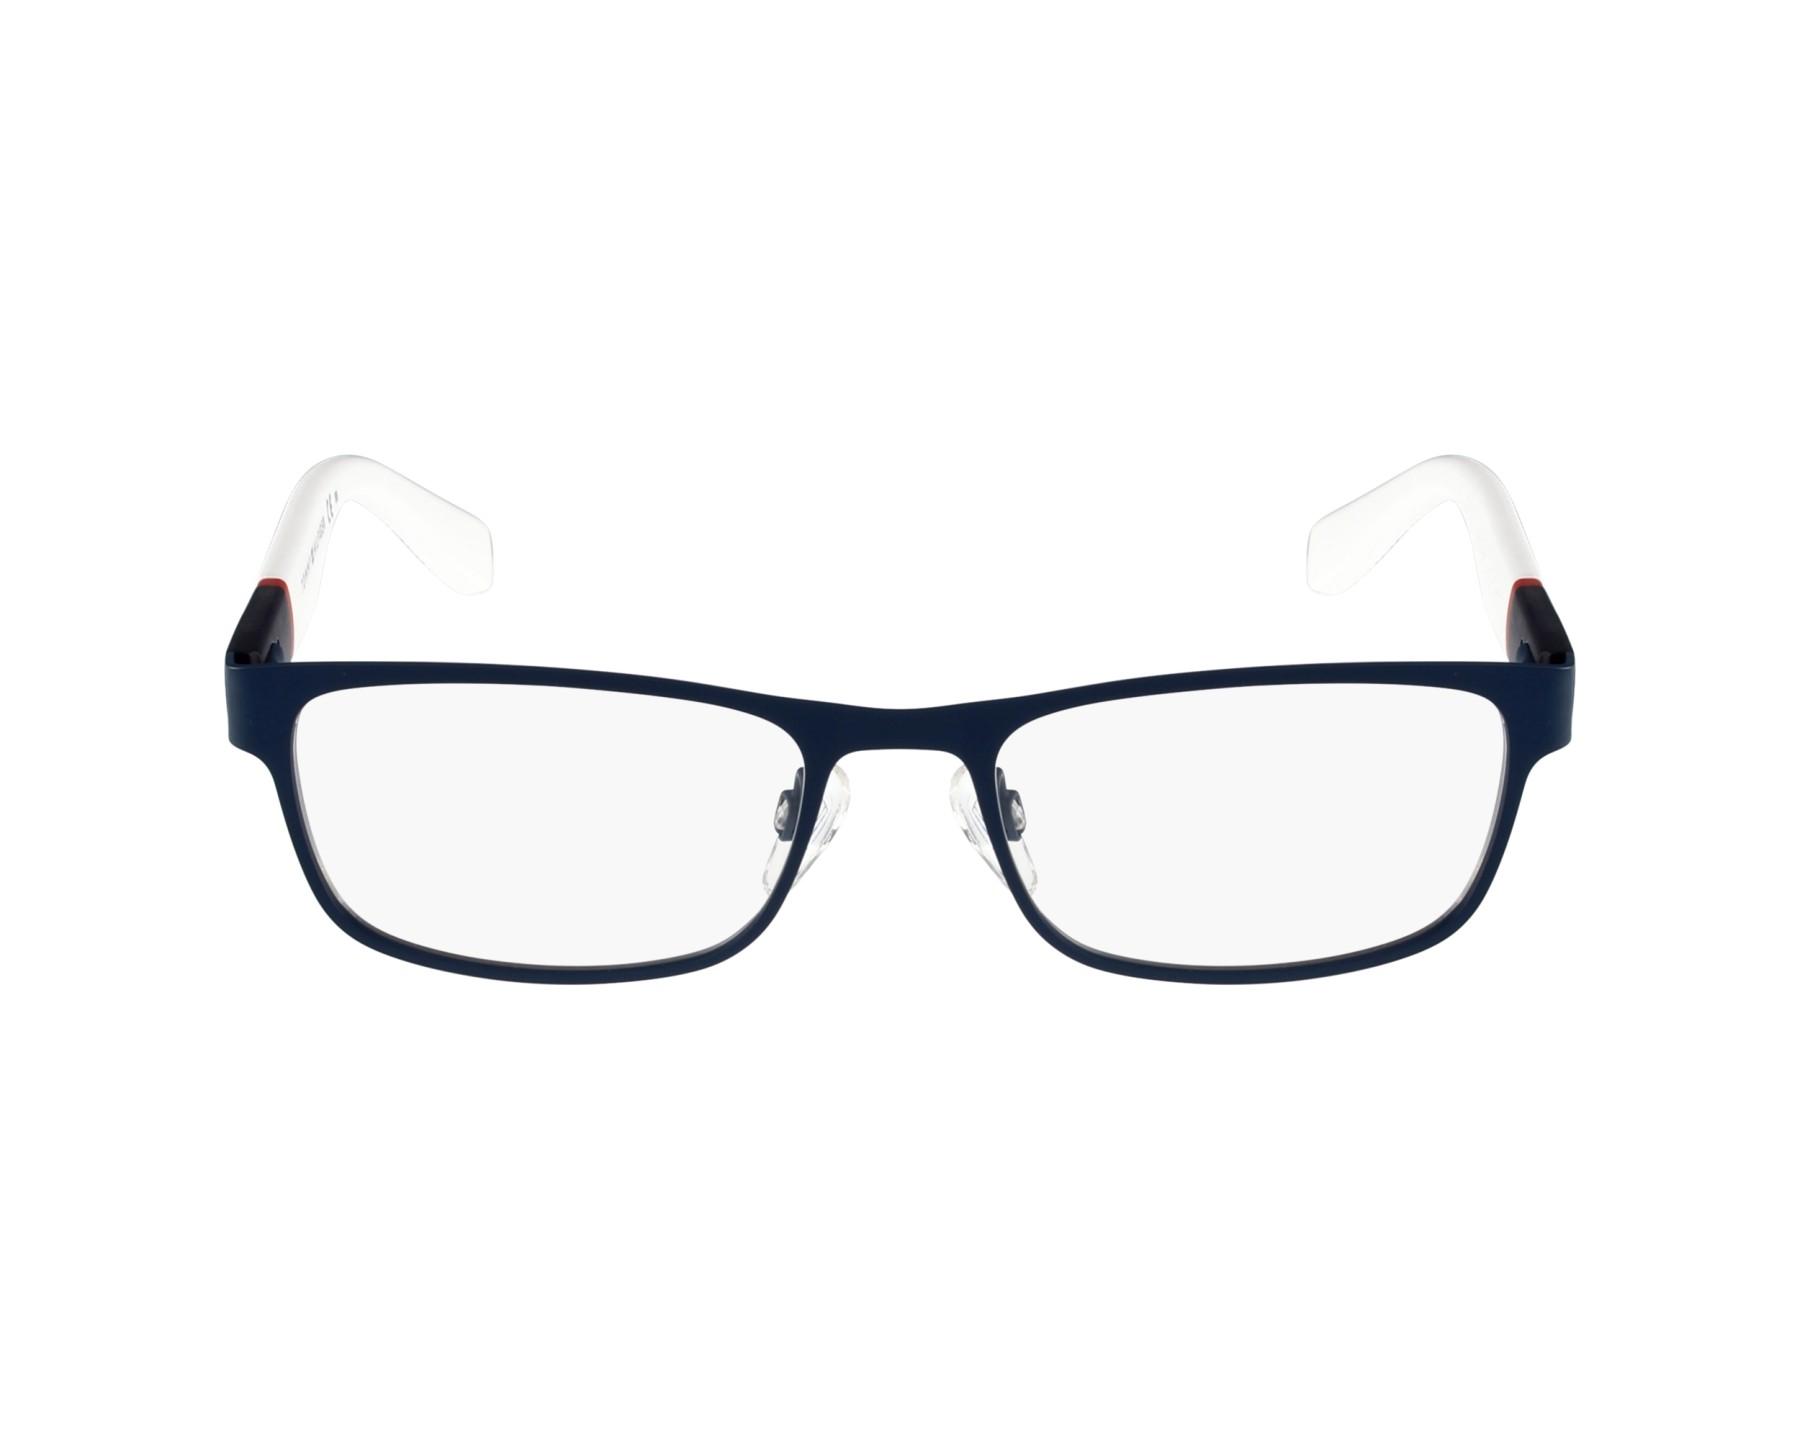 tommy hilfiger brille th 1284 fo4 blau visionet. Black Bedroom Furniture Sets. Home Design Ideas